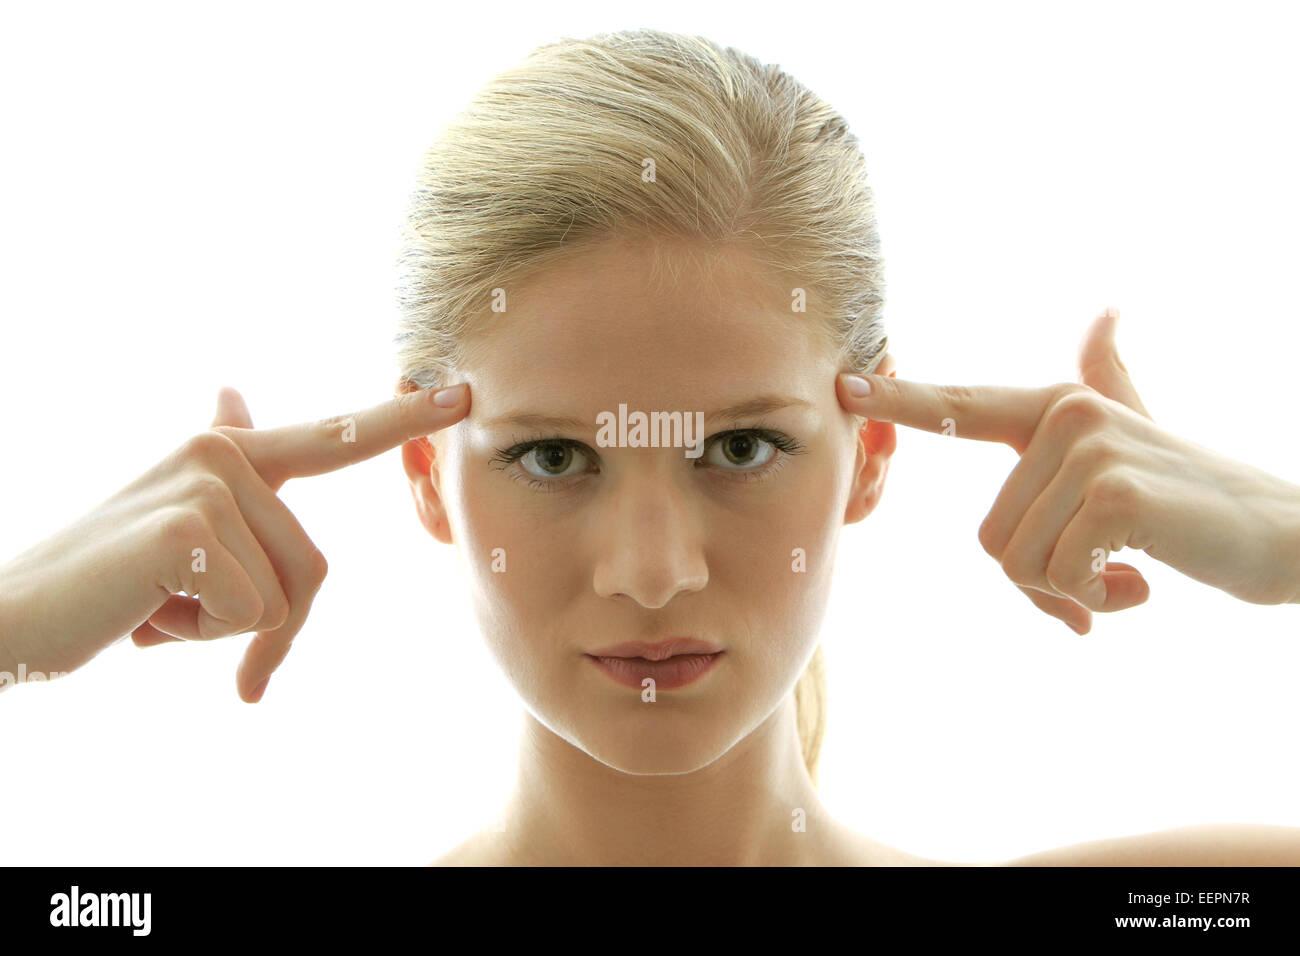 Junge blonde Frau Hat Eine Idee, Frau hat eine Idee, schön, blond, fröhlich, Vertrauen, Zufriedenheit, Stockbild